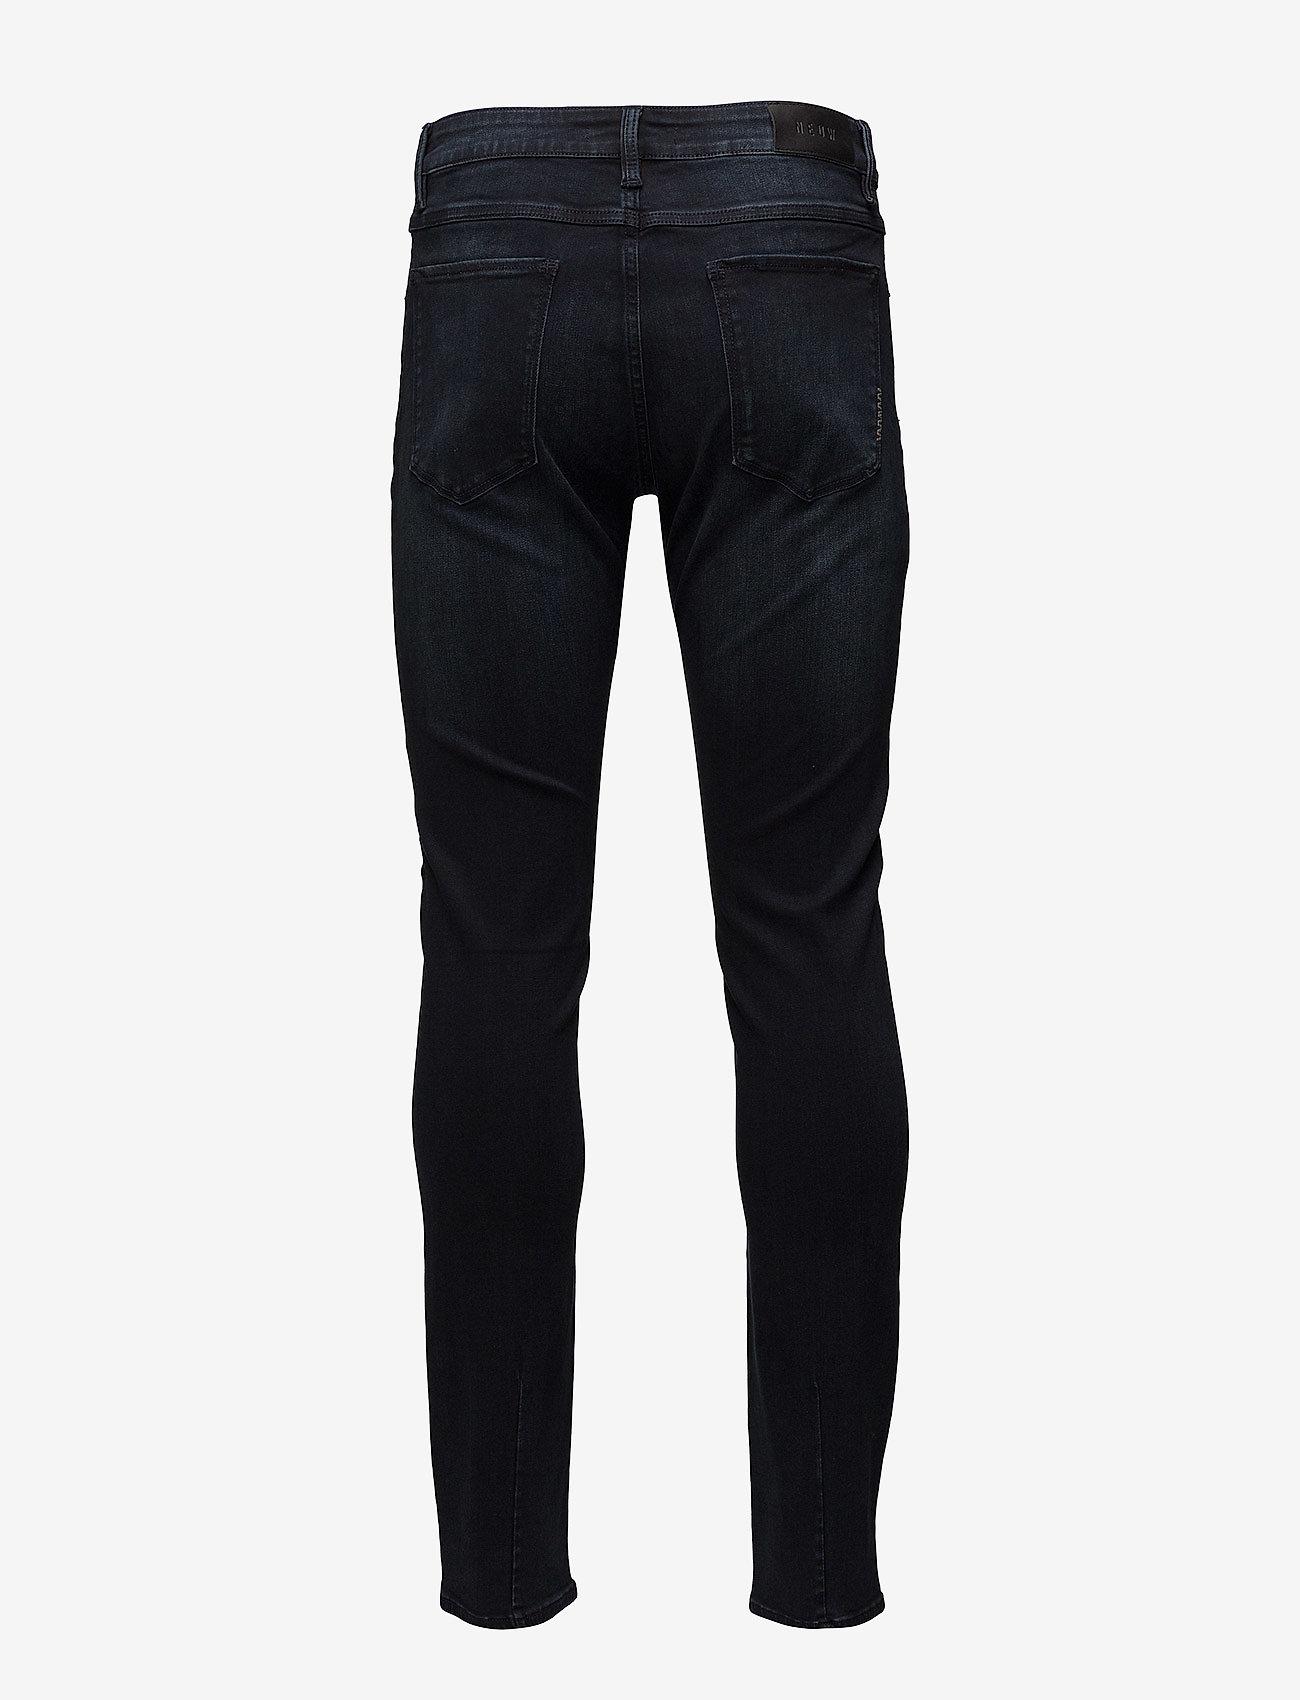 Neuw Iggy Skinny - Polar Jeans